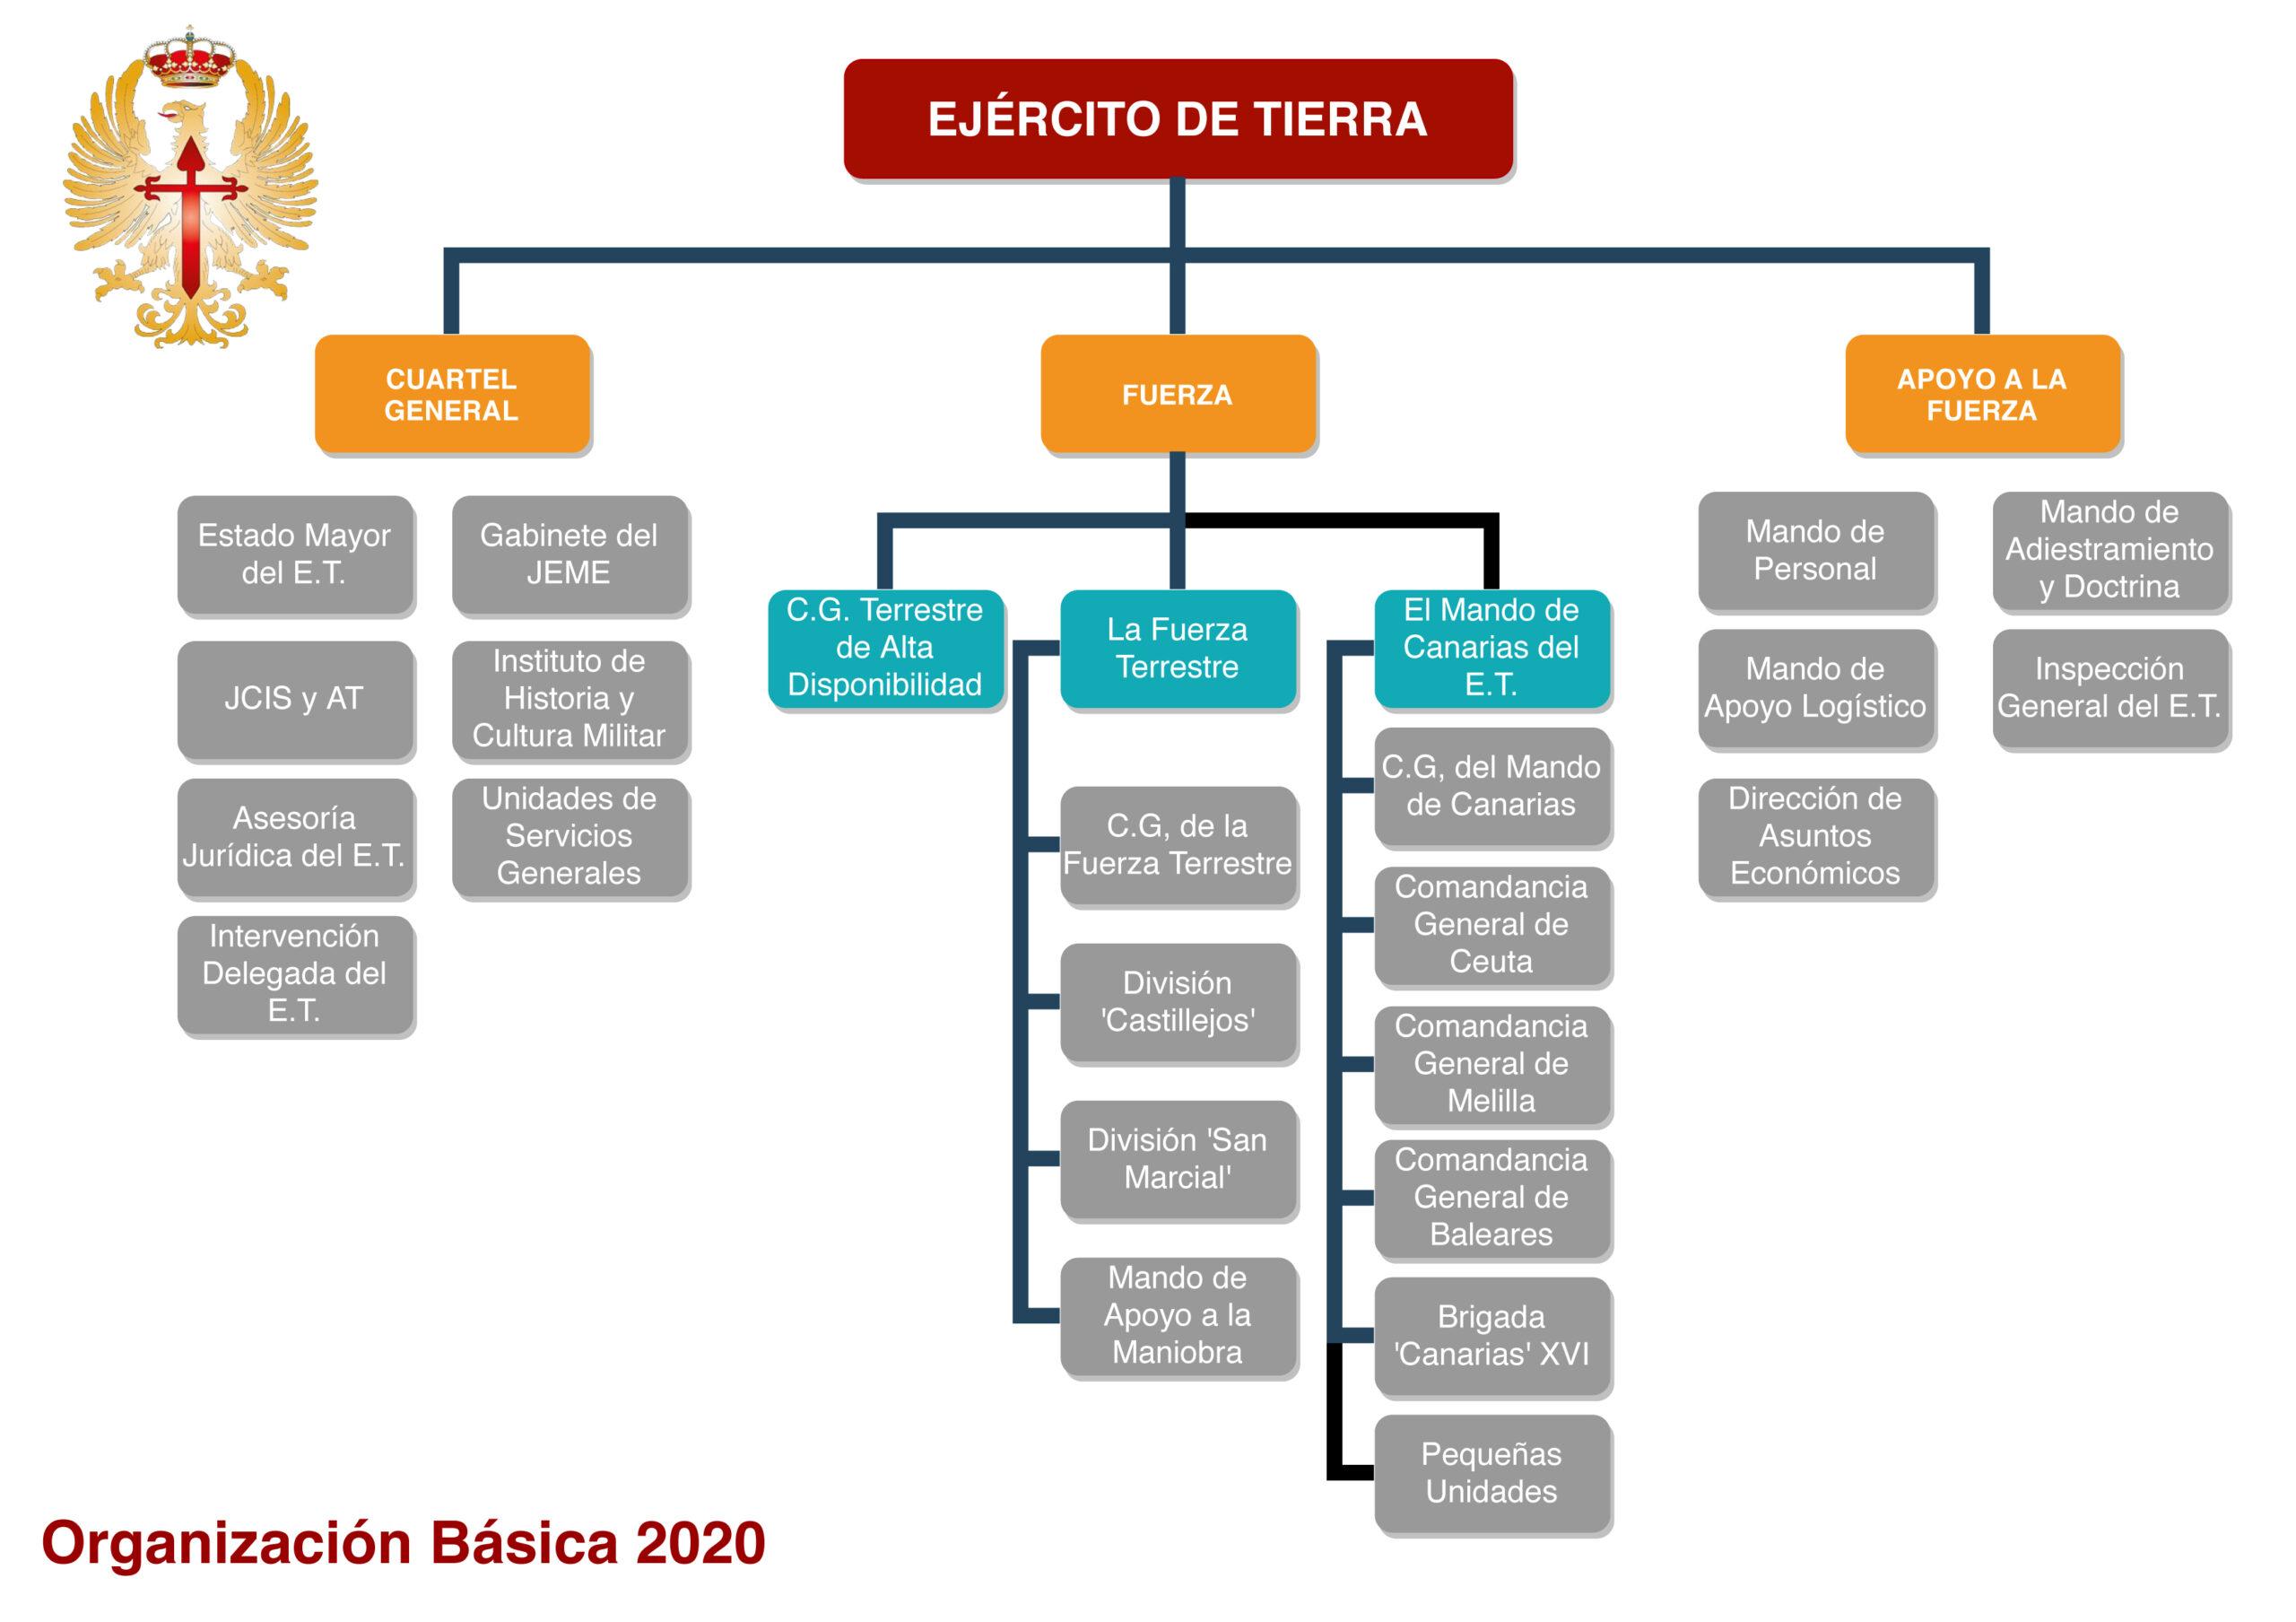 EJÉRCITO DE TIERRA DE ESPAÑA